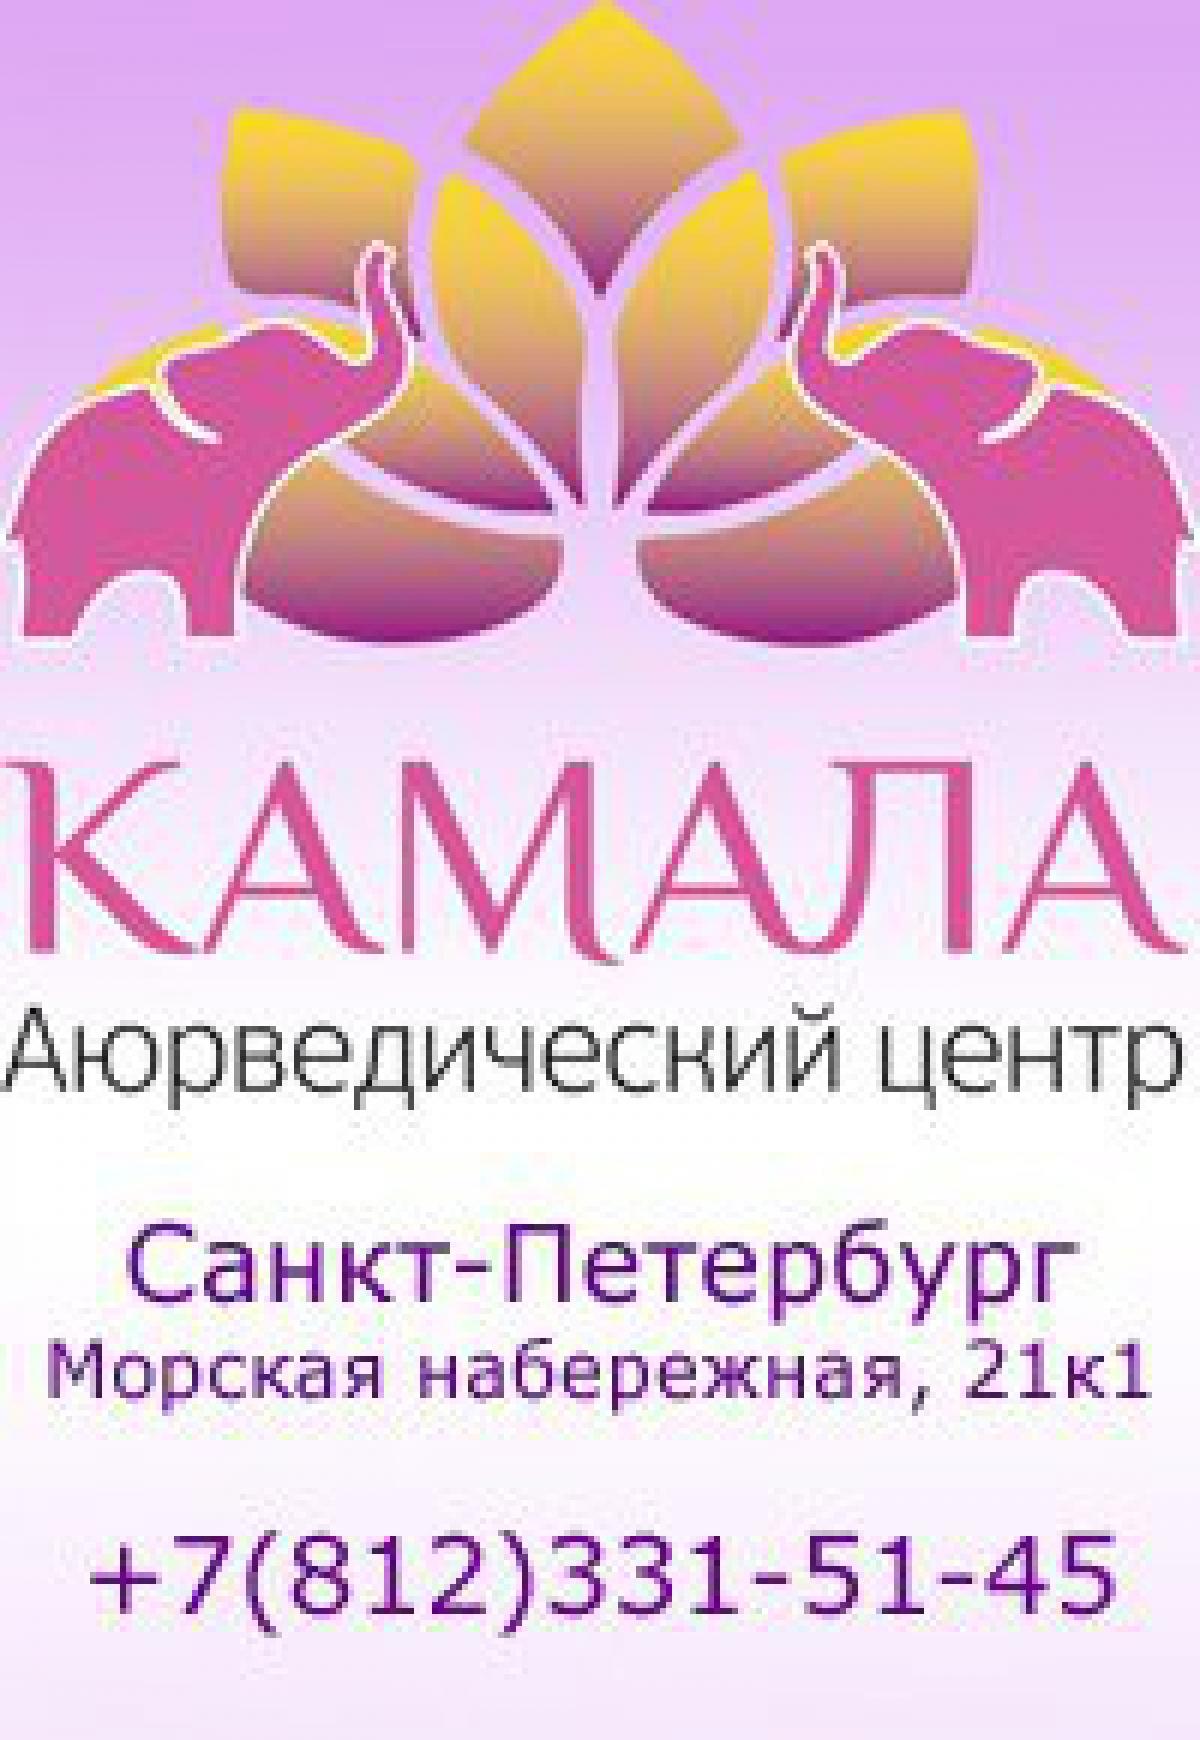 Этнические и эзотерические организации в округе цао в москве